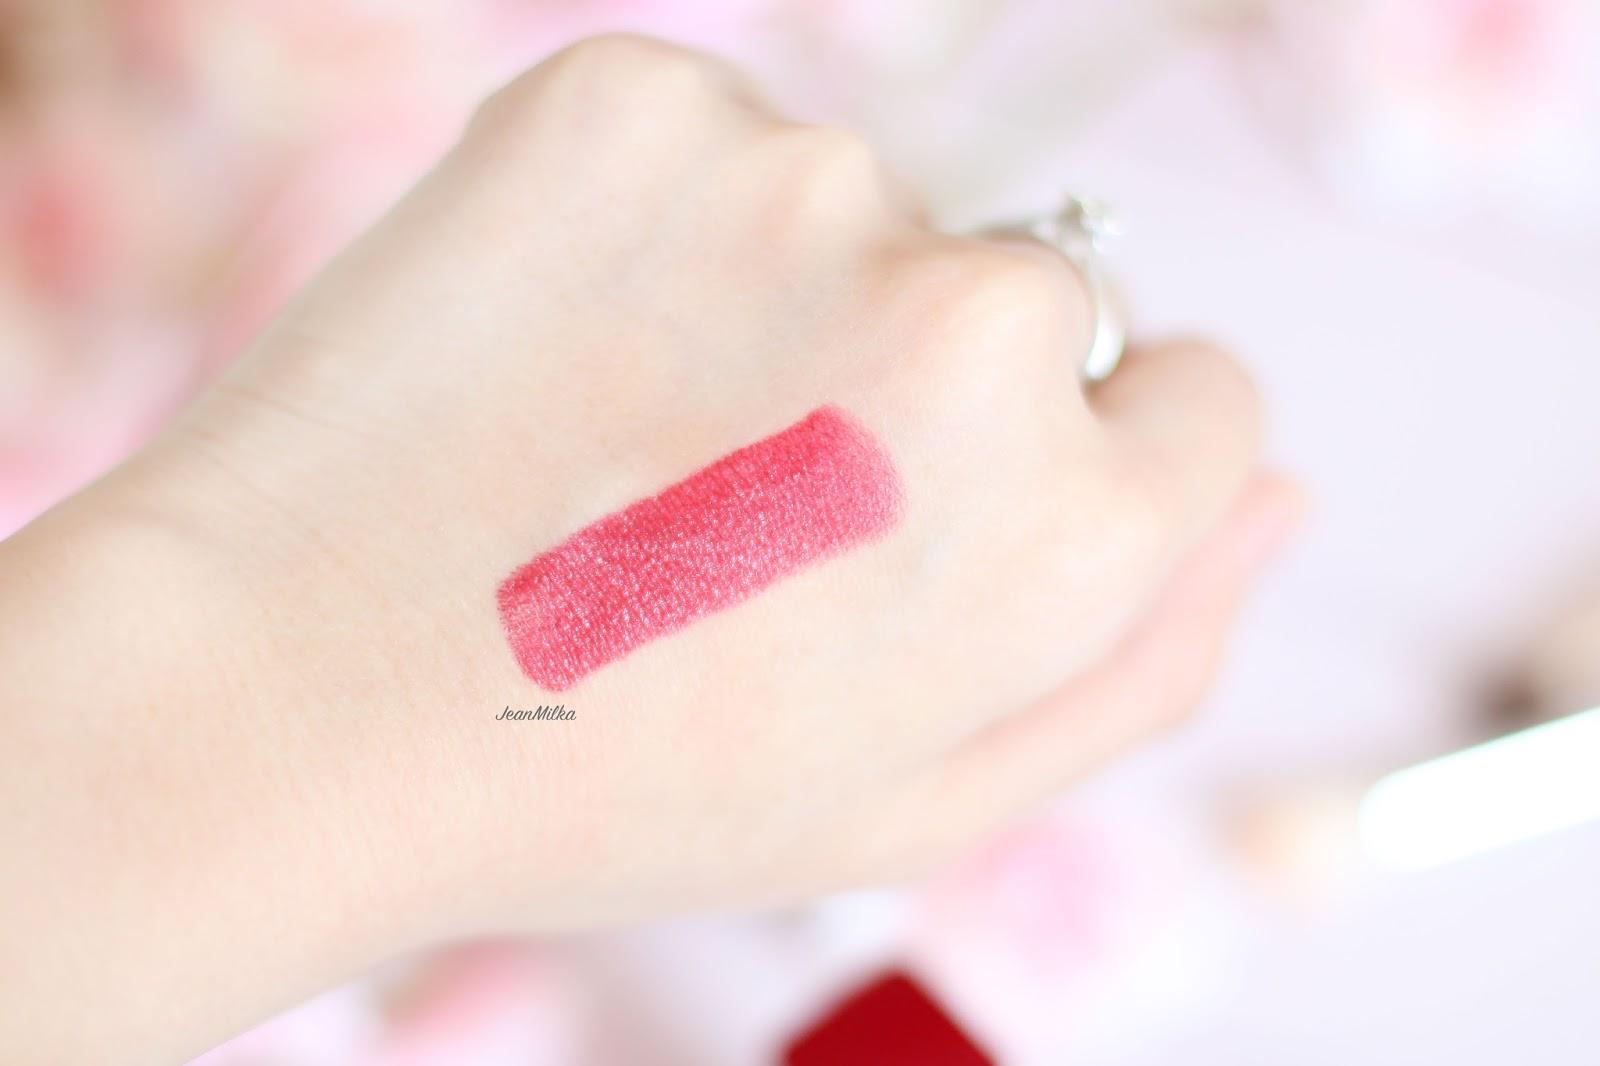 max factor, liptstick, max factor lipstick, max factor color elixir, max factor marilyn manroe